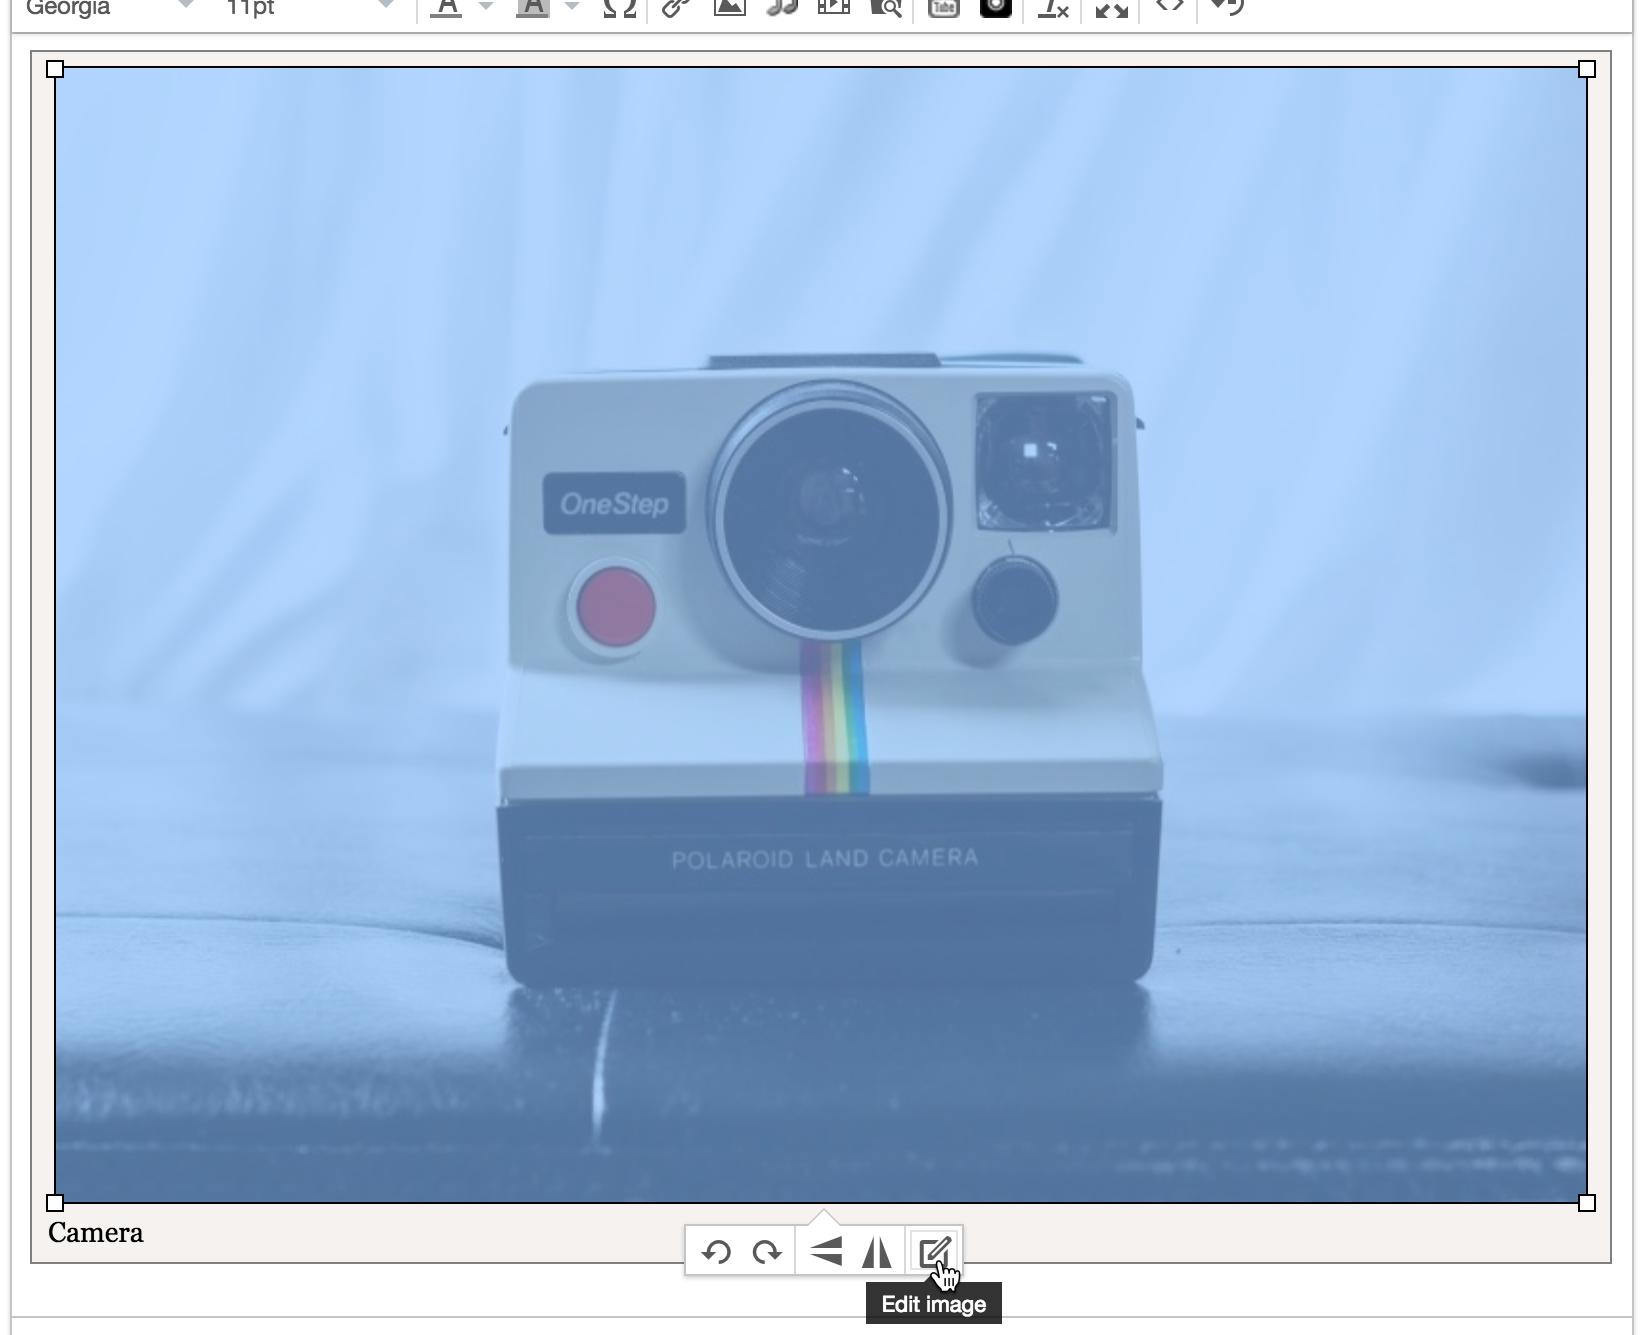 Display Image Options